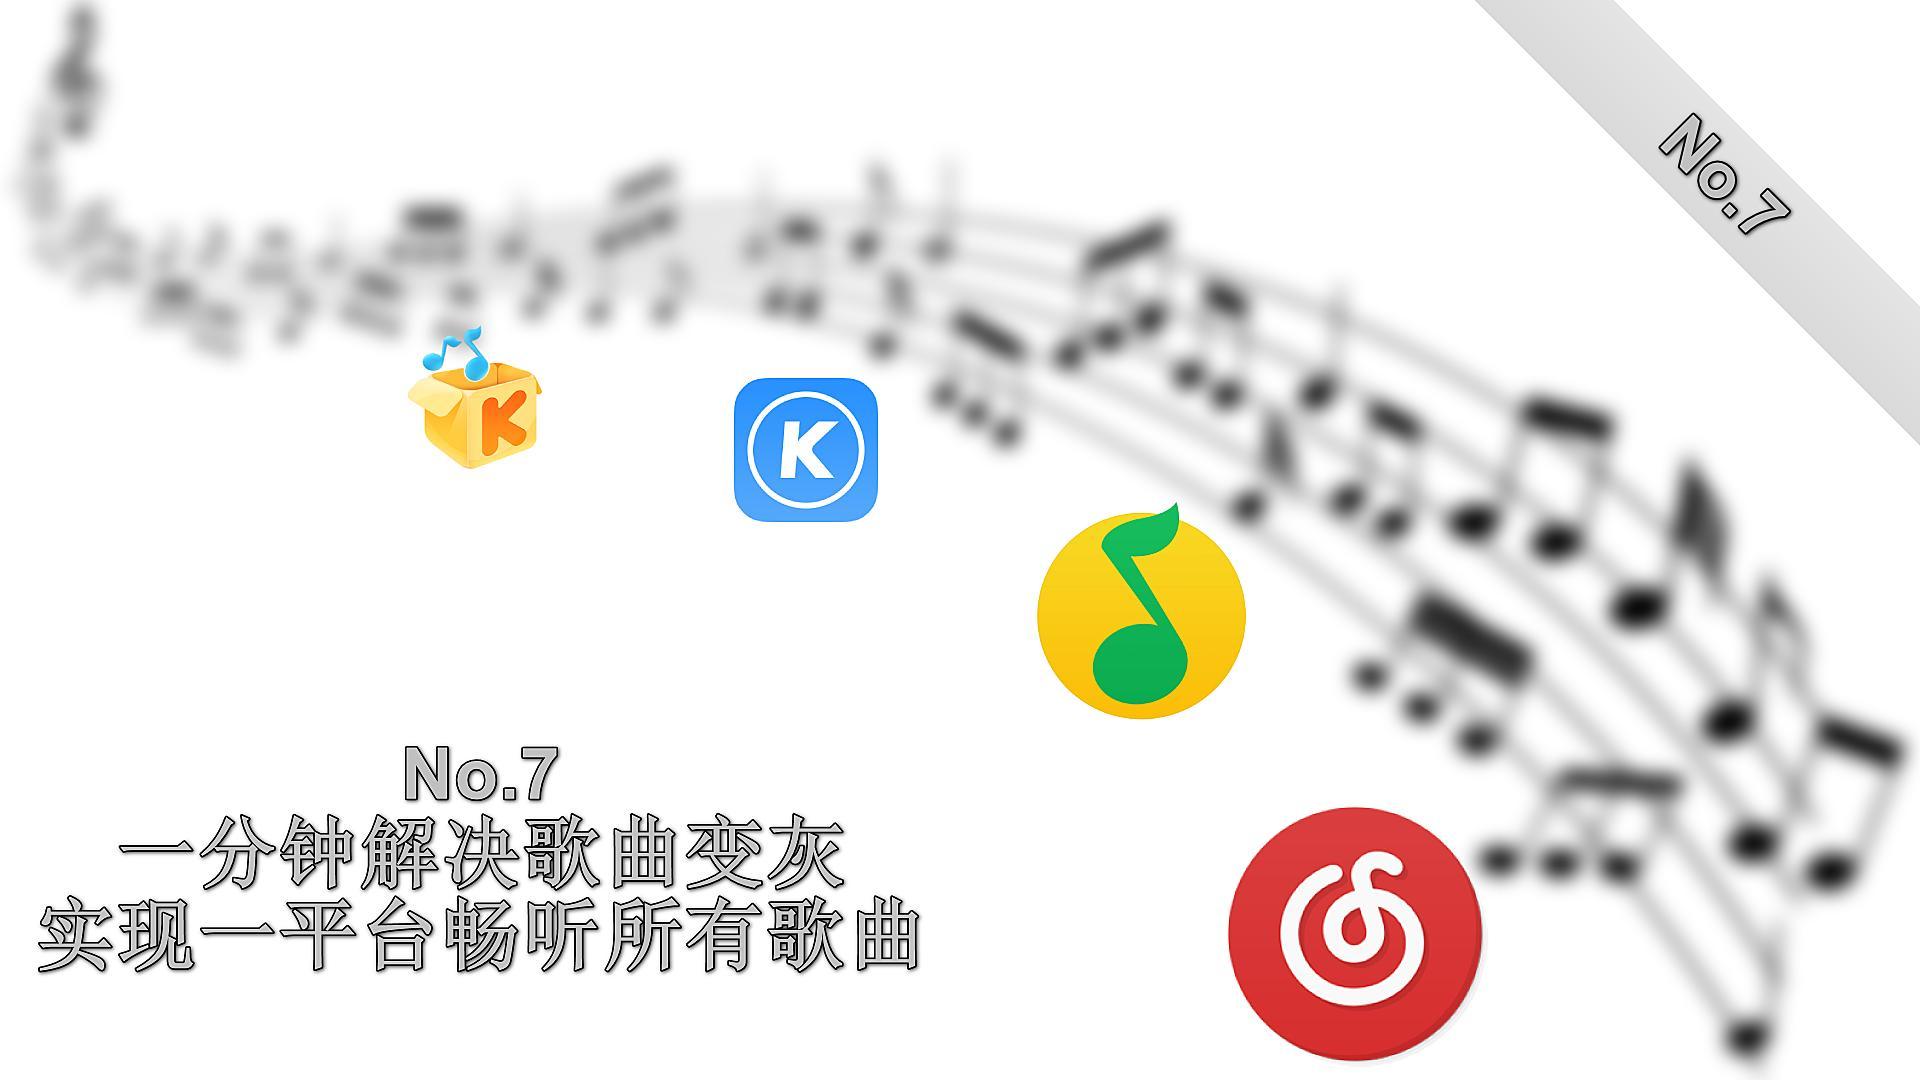 一分钟解决歌曲变灰问题,实现一平台畅听所有歌曲